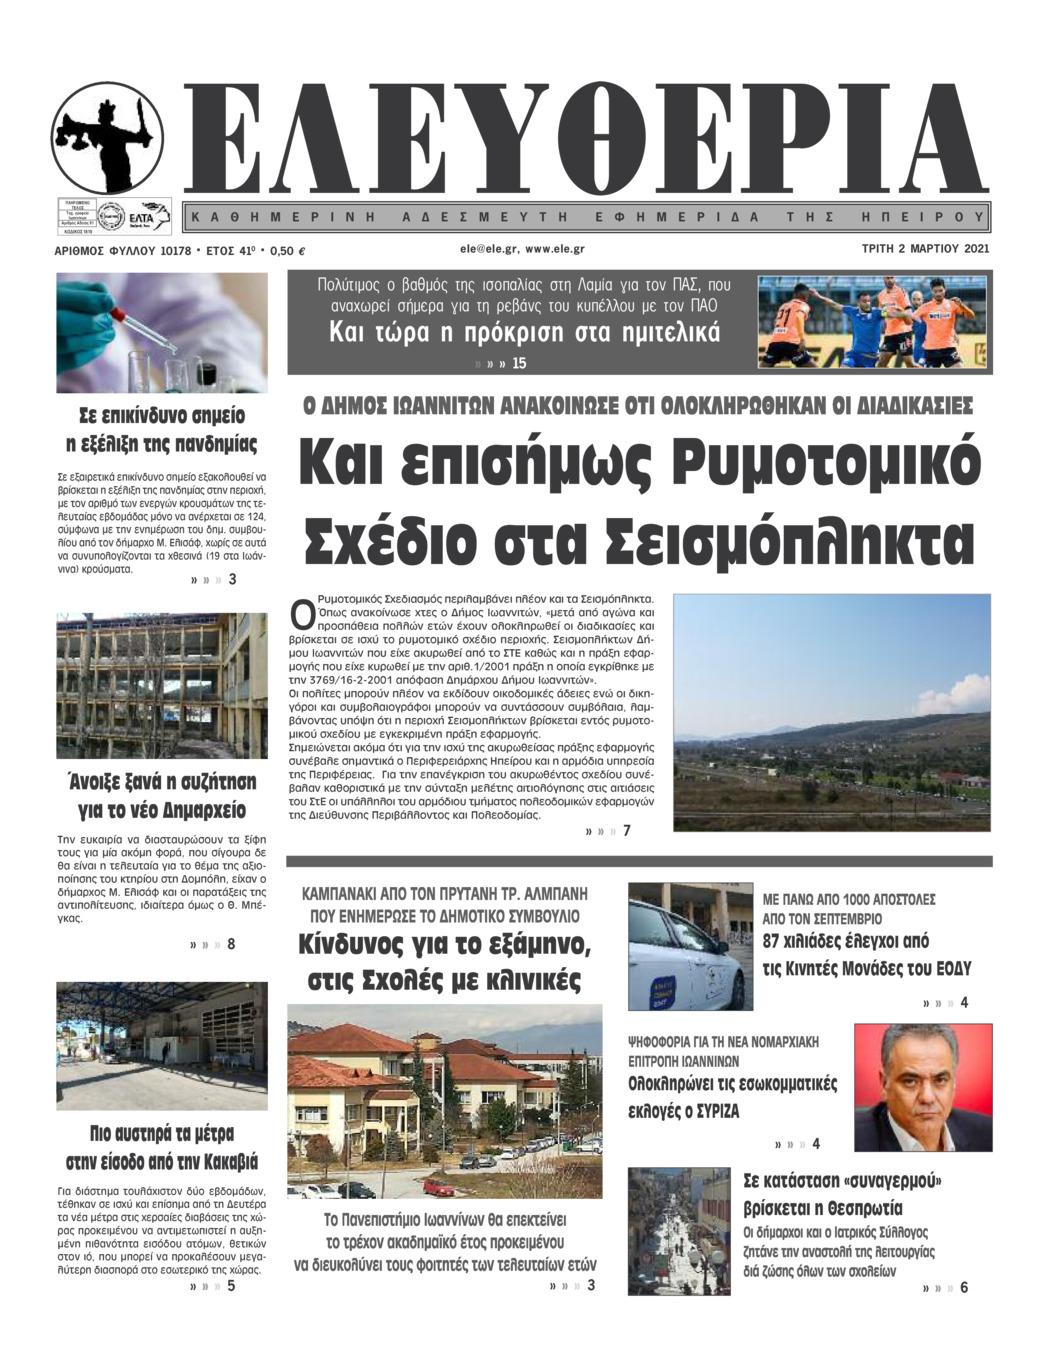 Πρωτοσέλιδο εφημερίδας Ελευθερία Ηπείρου